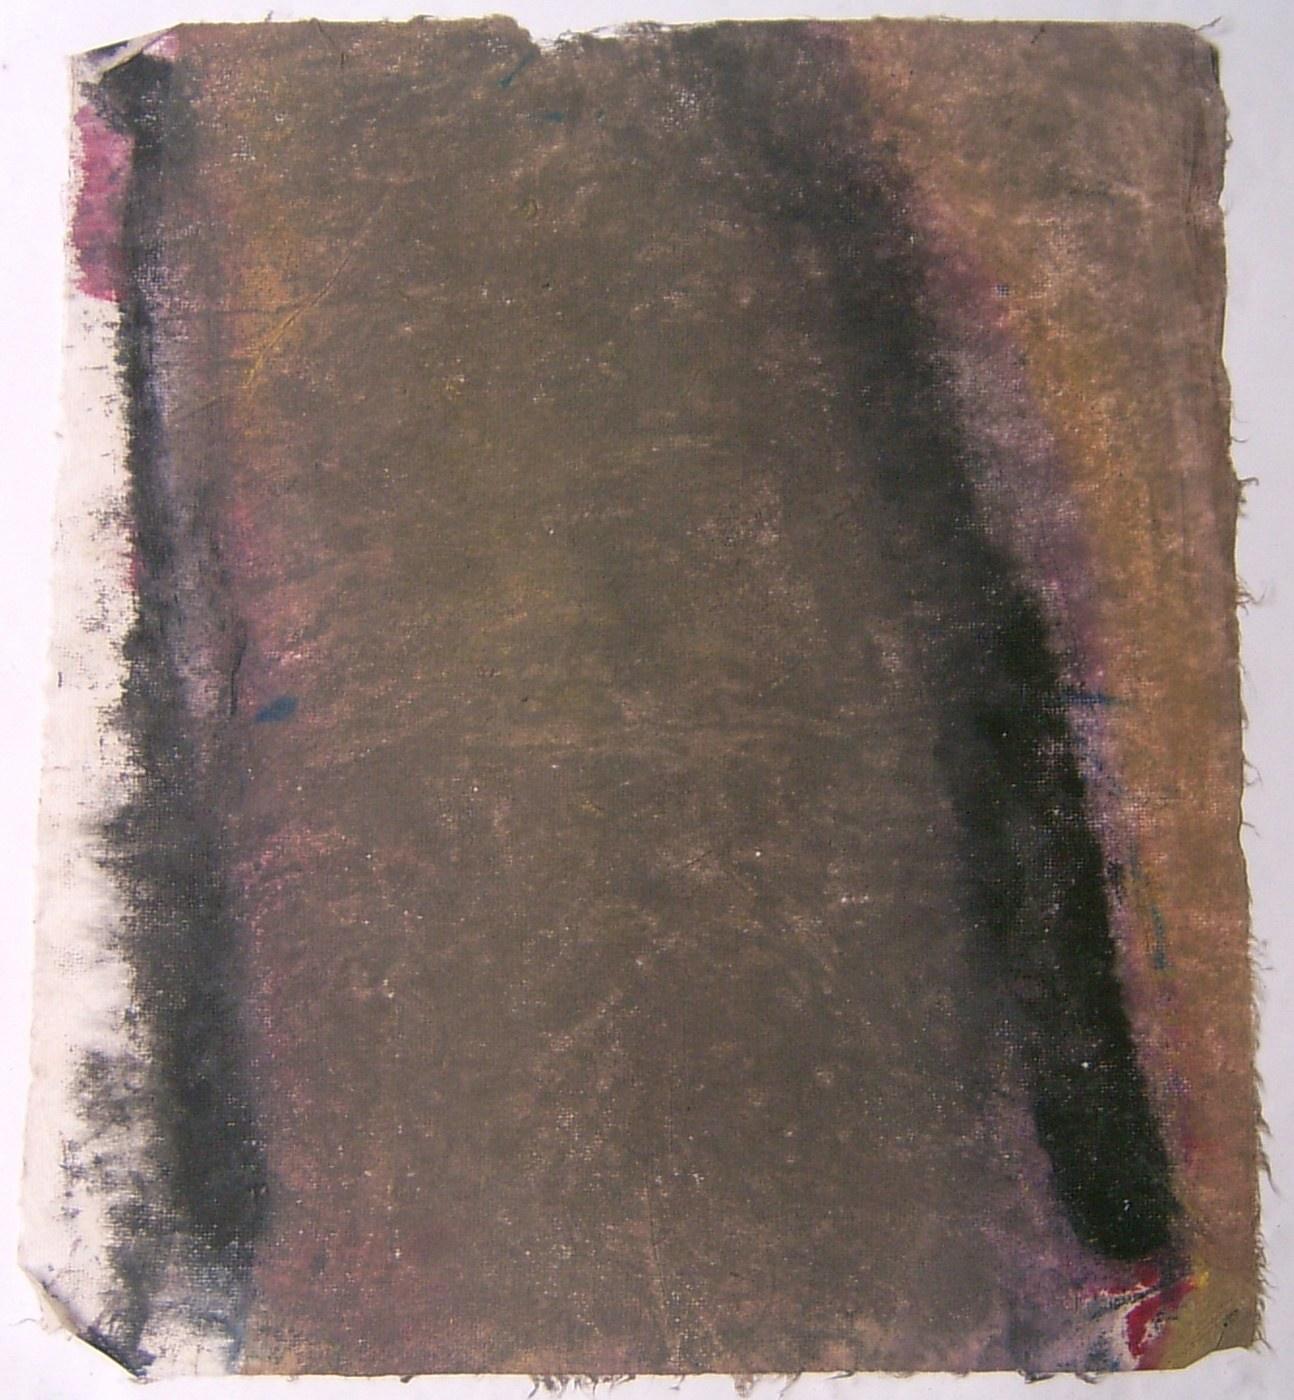 MARC FELD 2008 RÉCOLTE Huile sur papier  40 x 50 cm